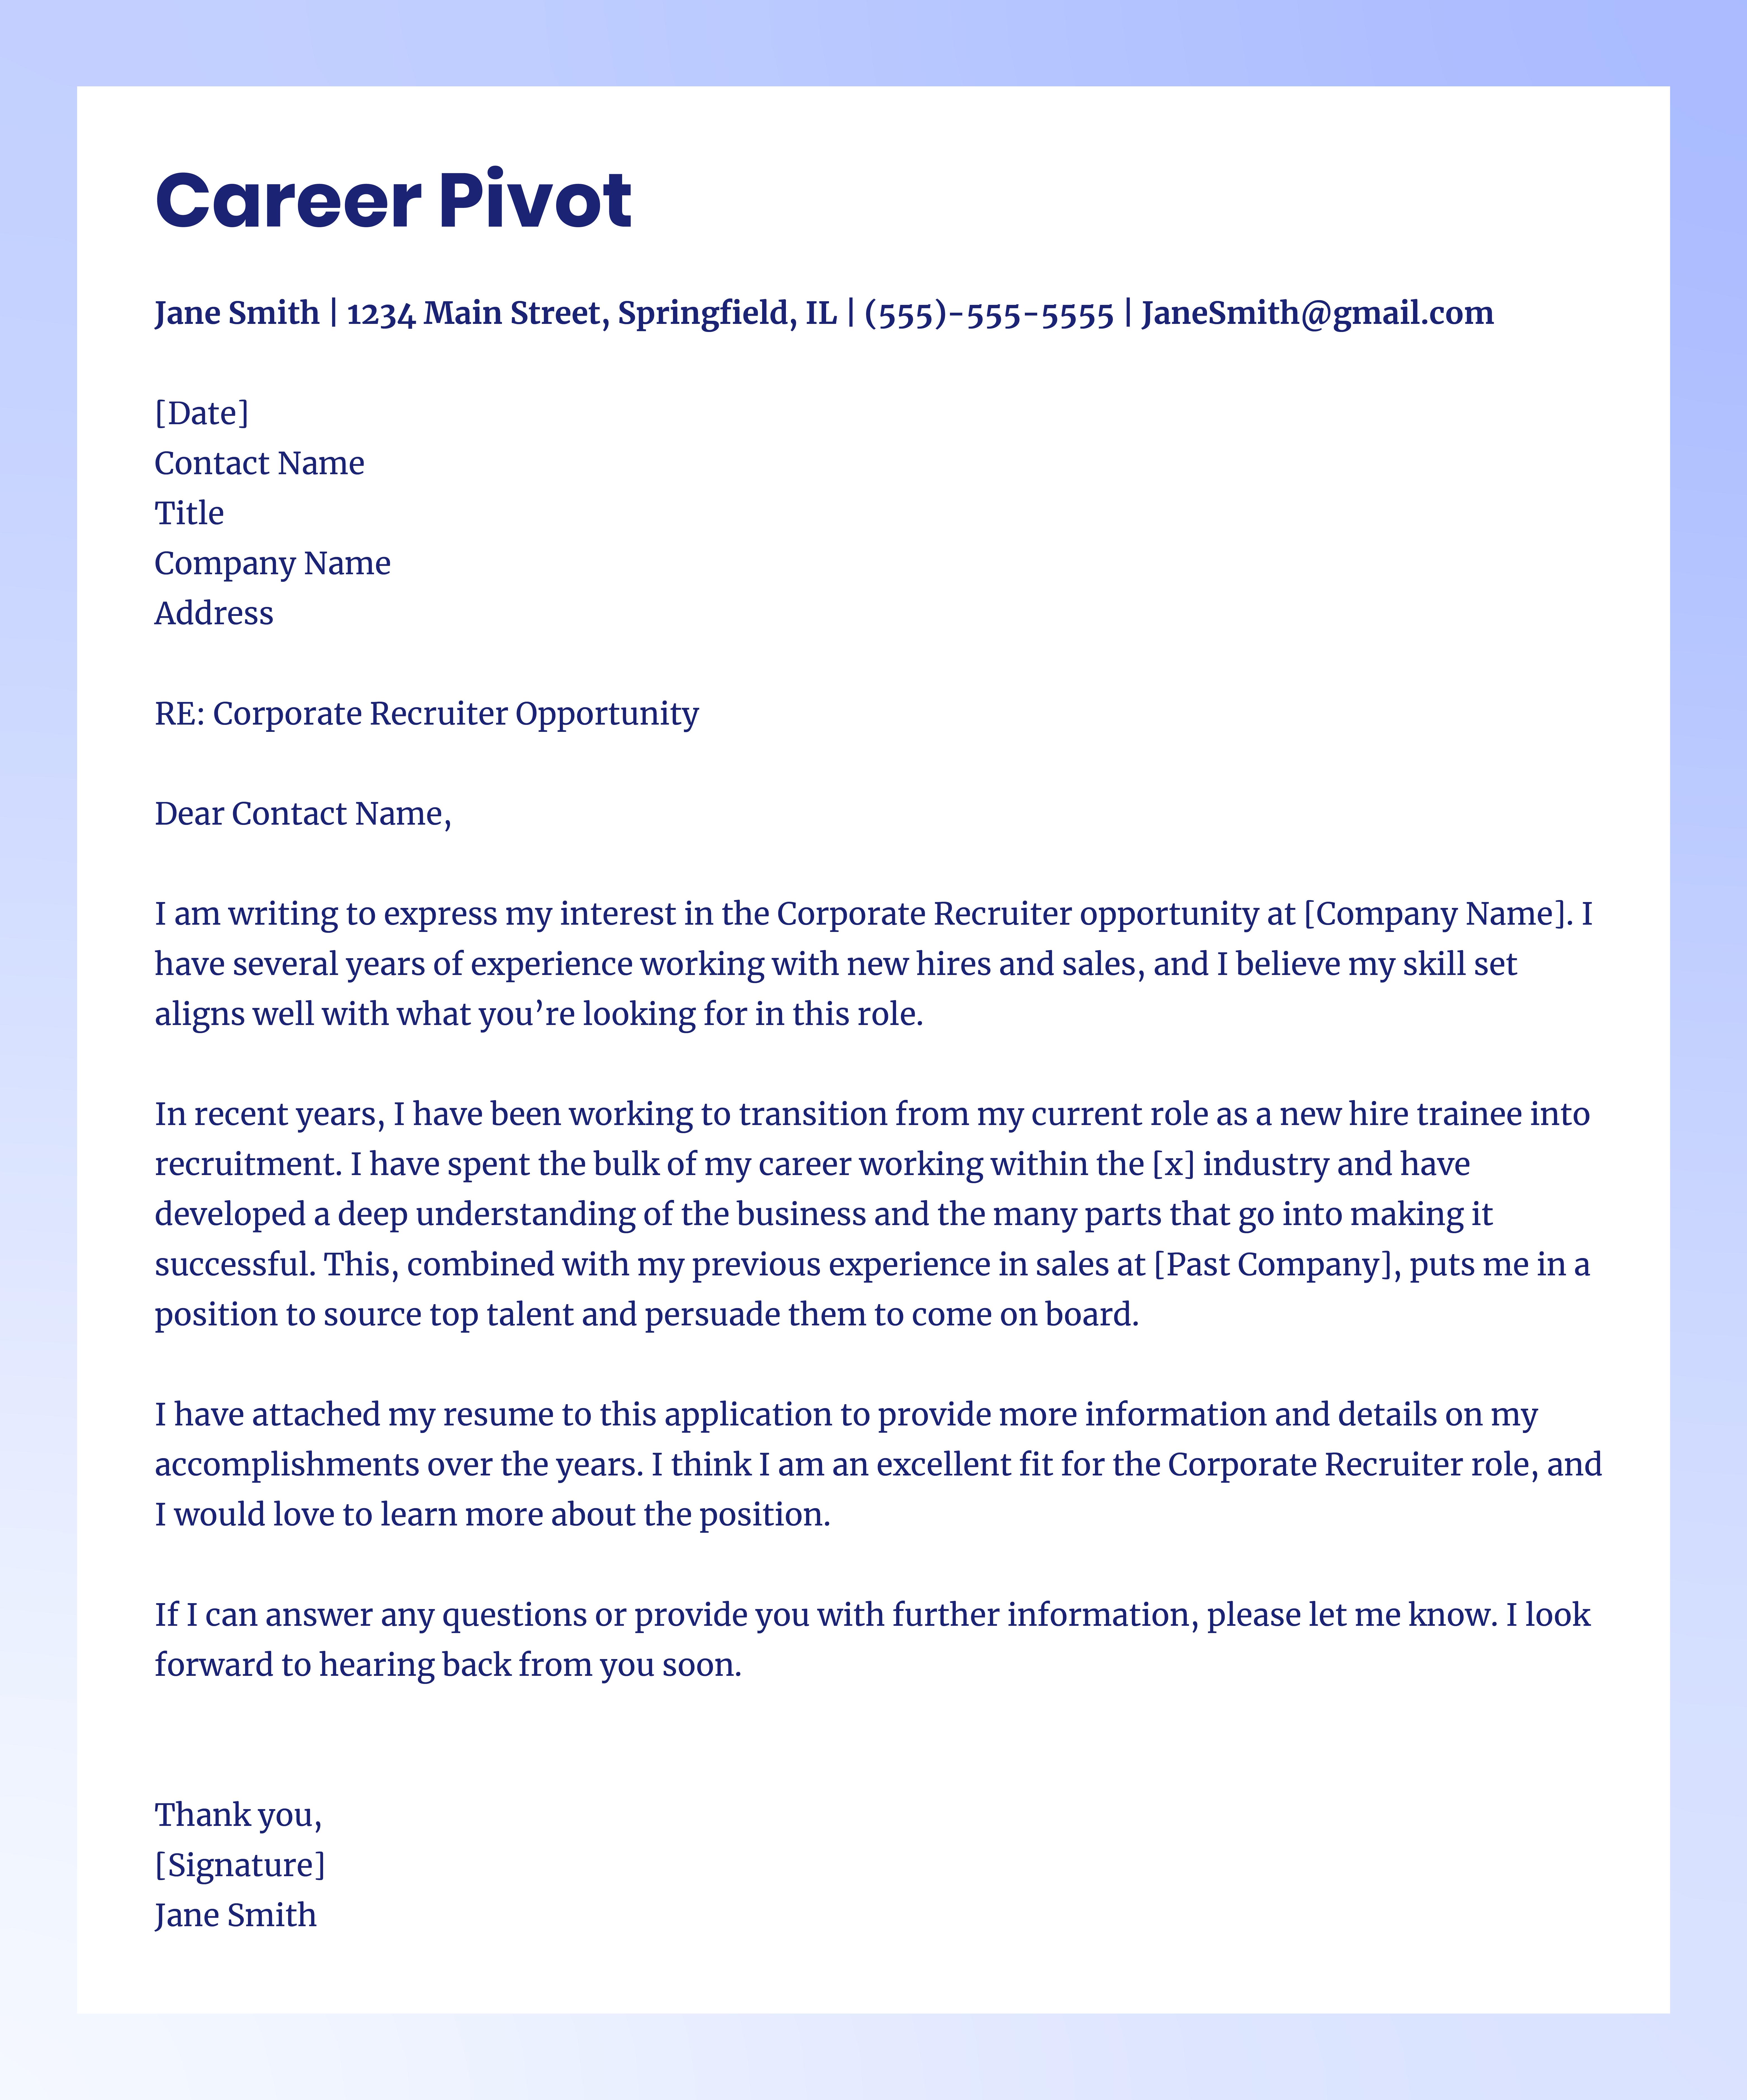 career pivot cover letter